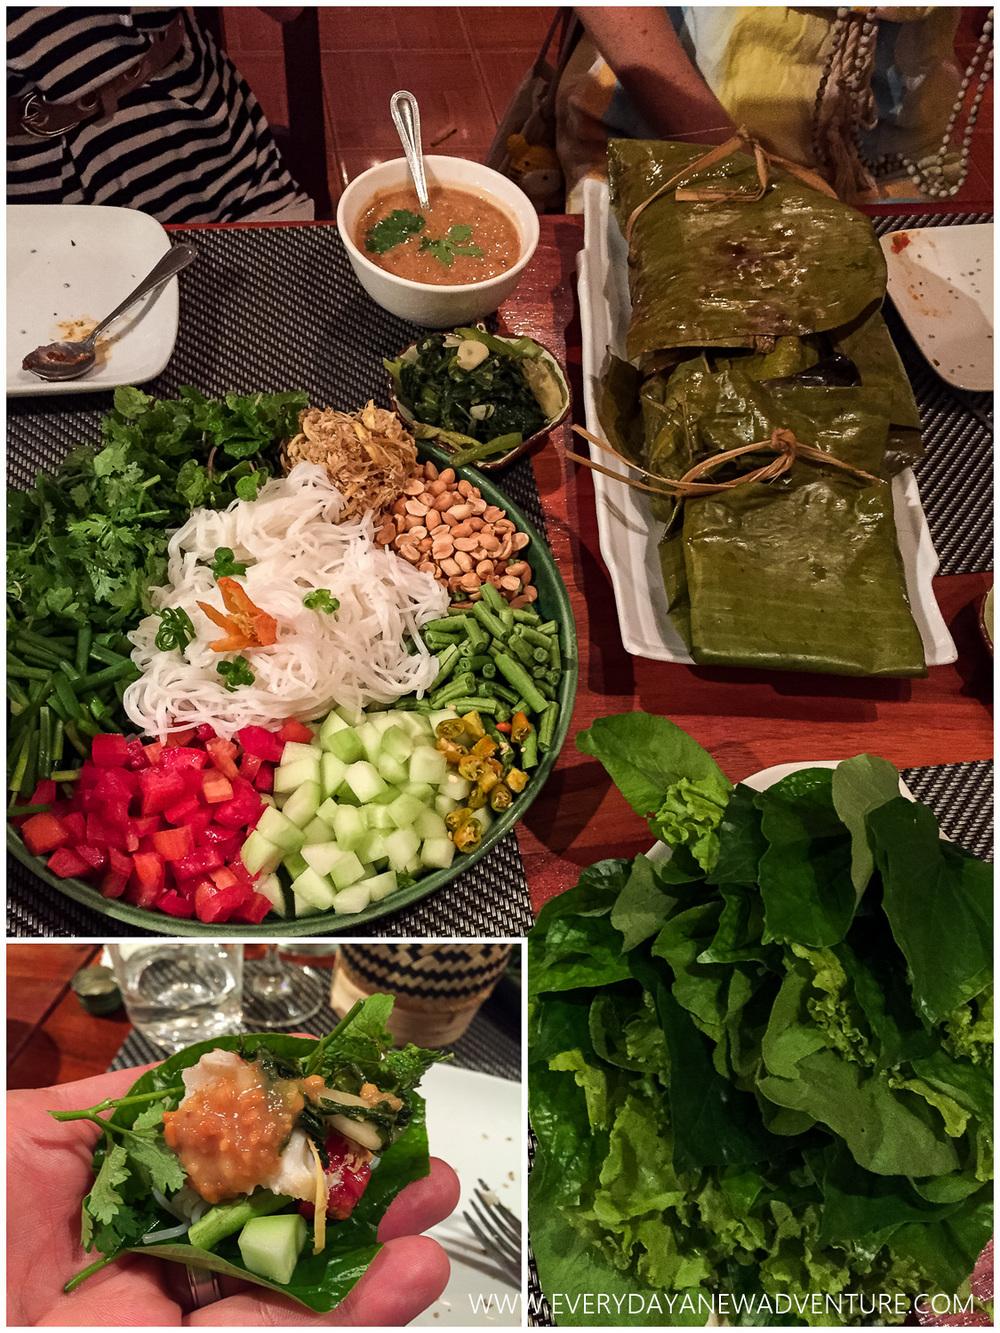 [SqSp1500-006] Dinner in Laos.jpg